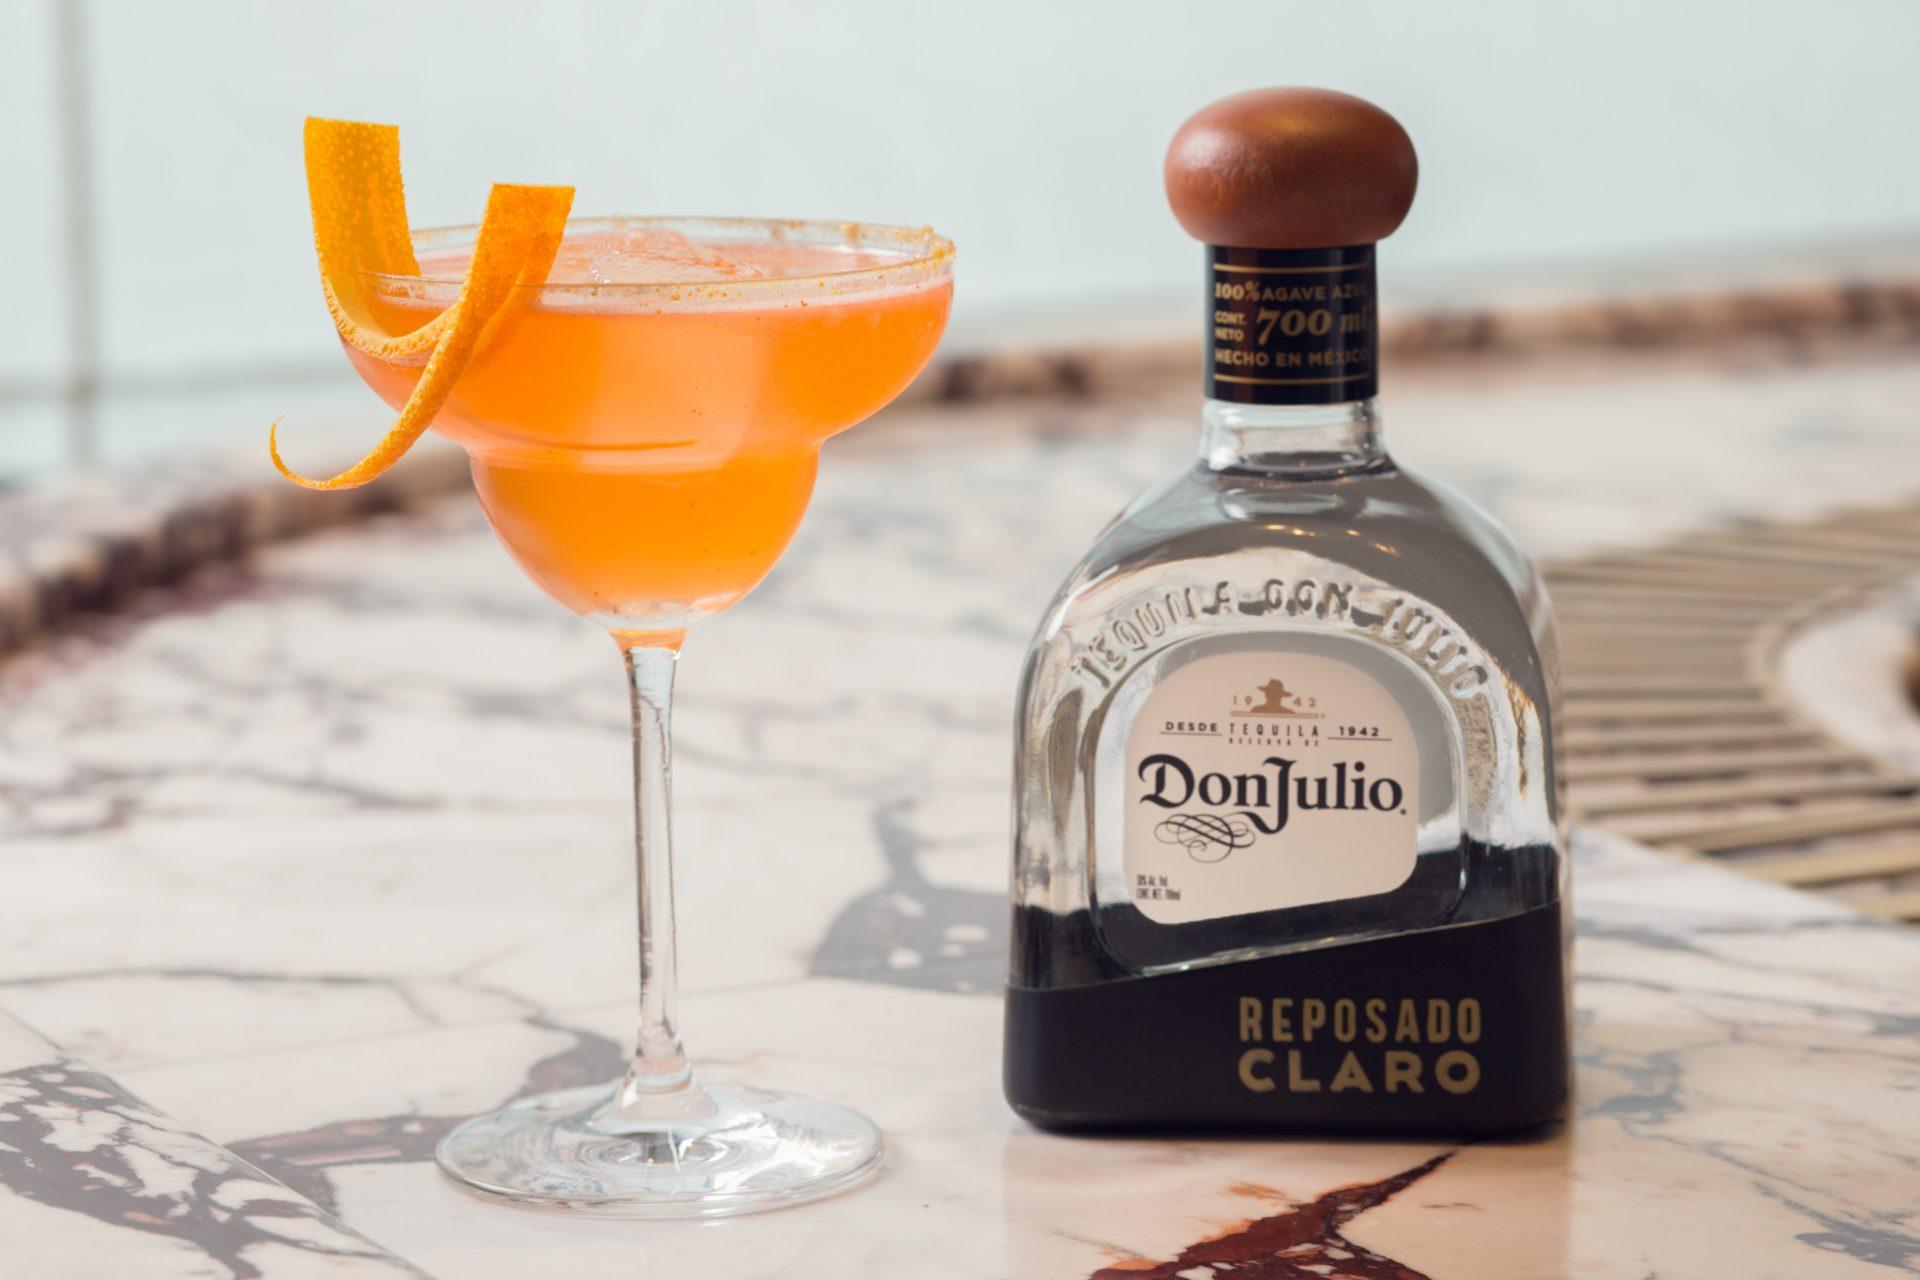 Don Julio Reposado Claro Un Tequila Muy Millennial